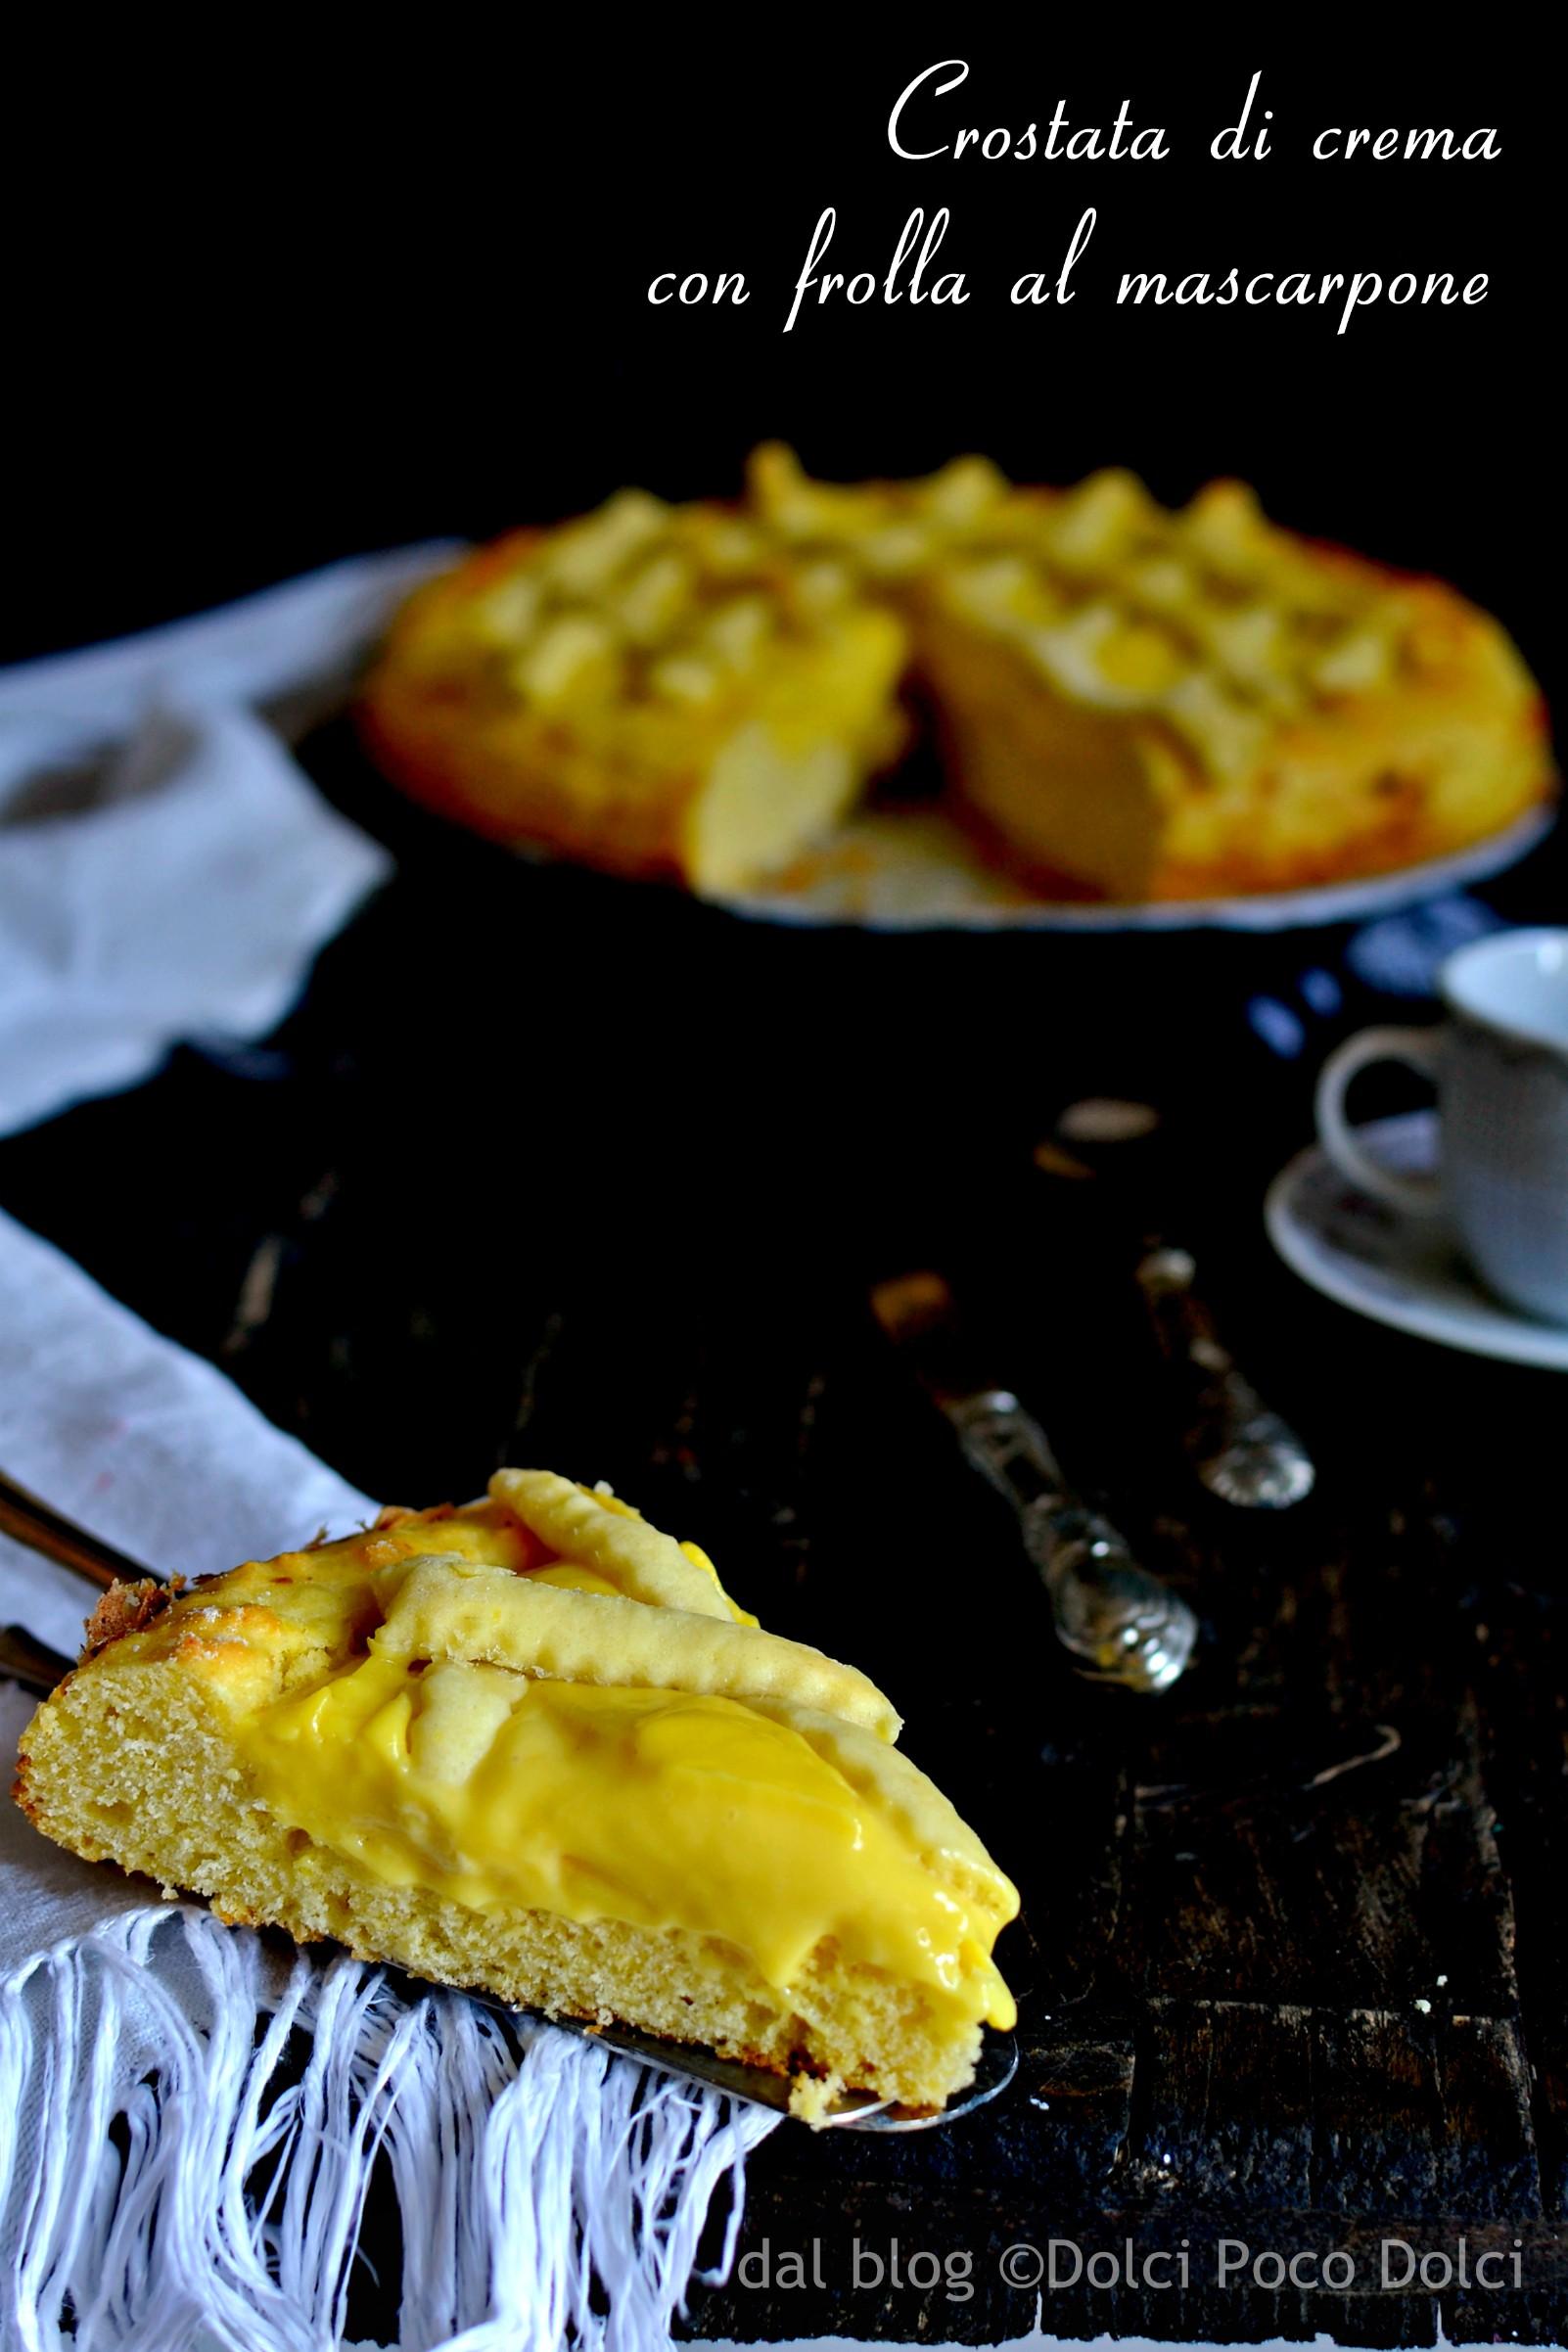 Crostata di crema con frolla al mascarpone